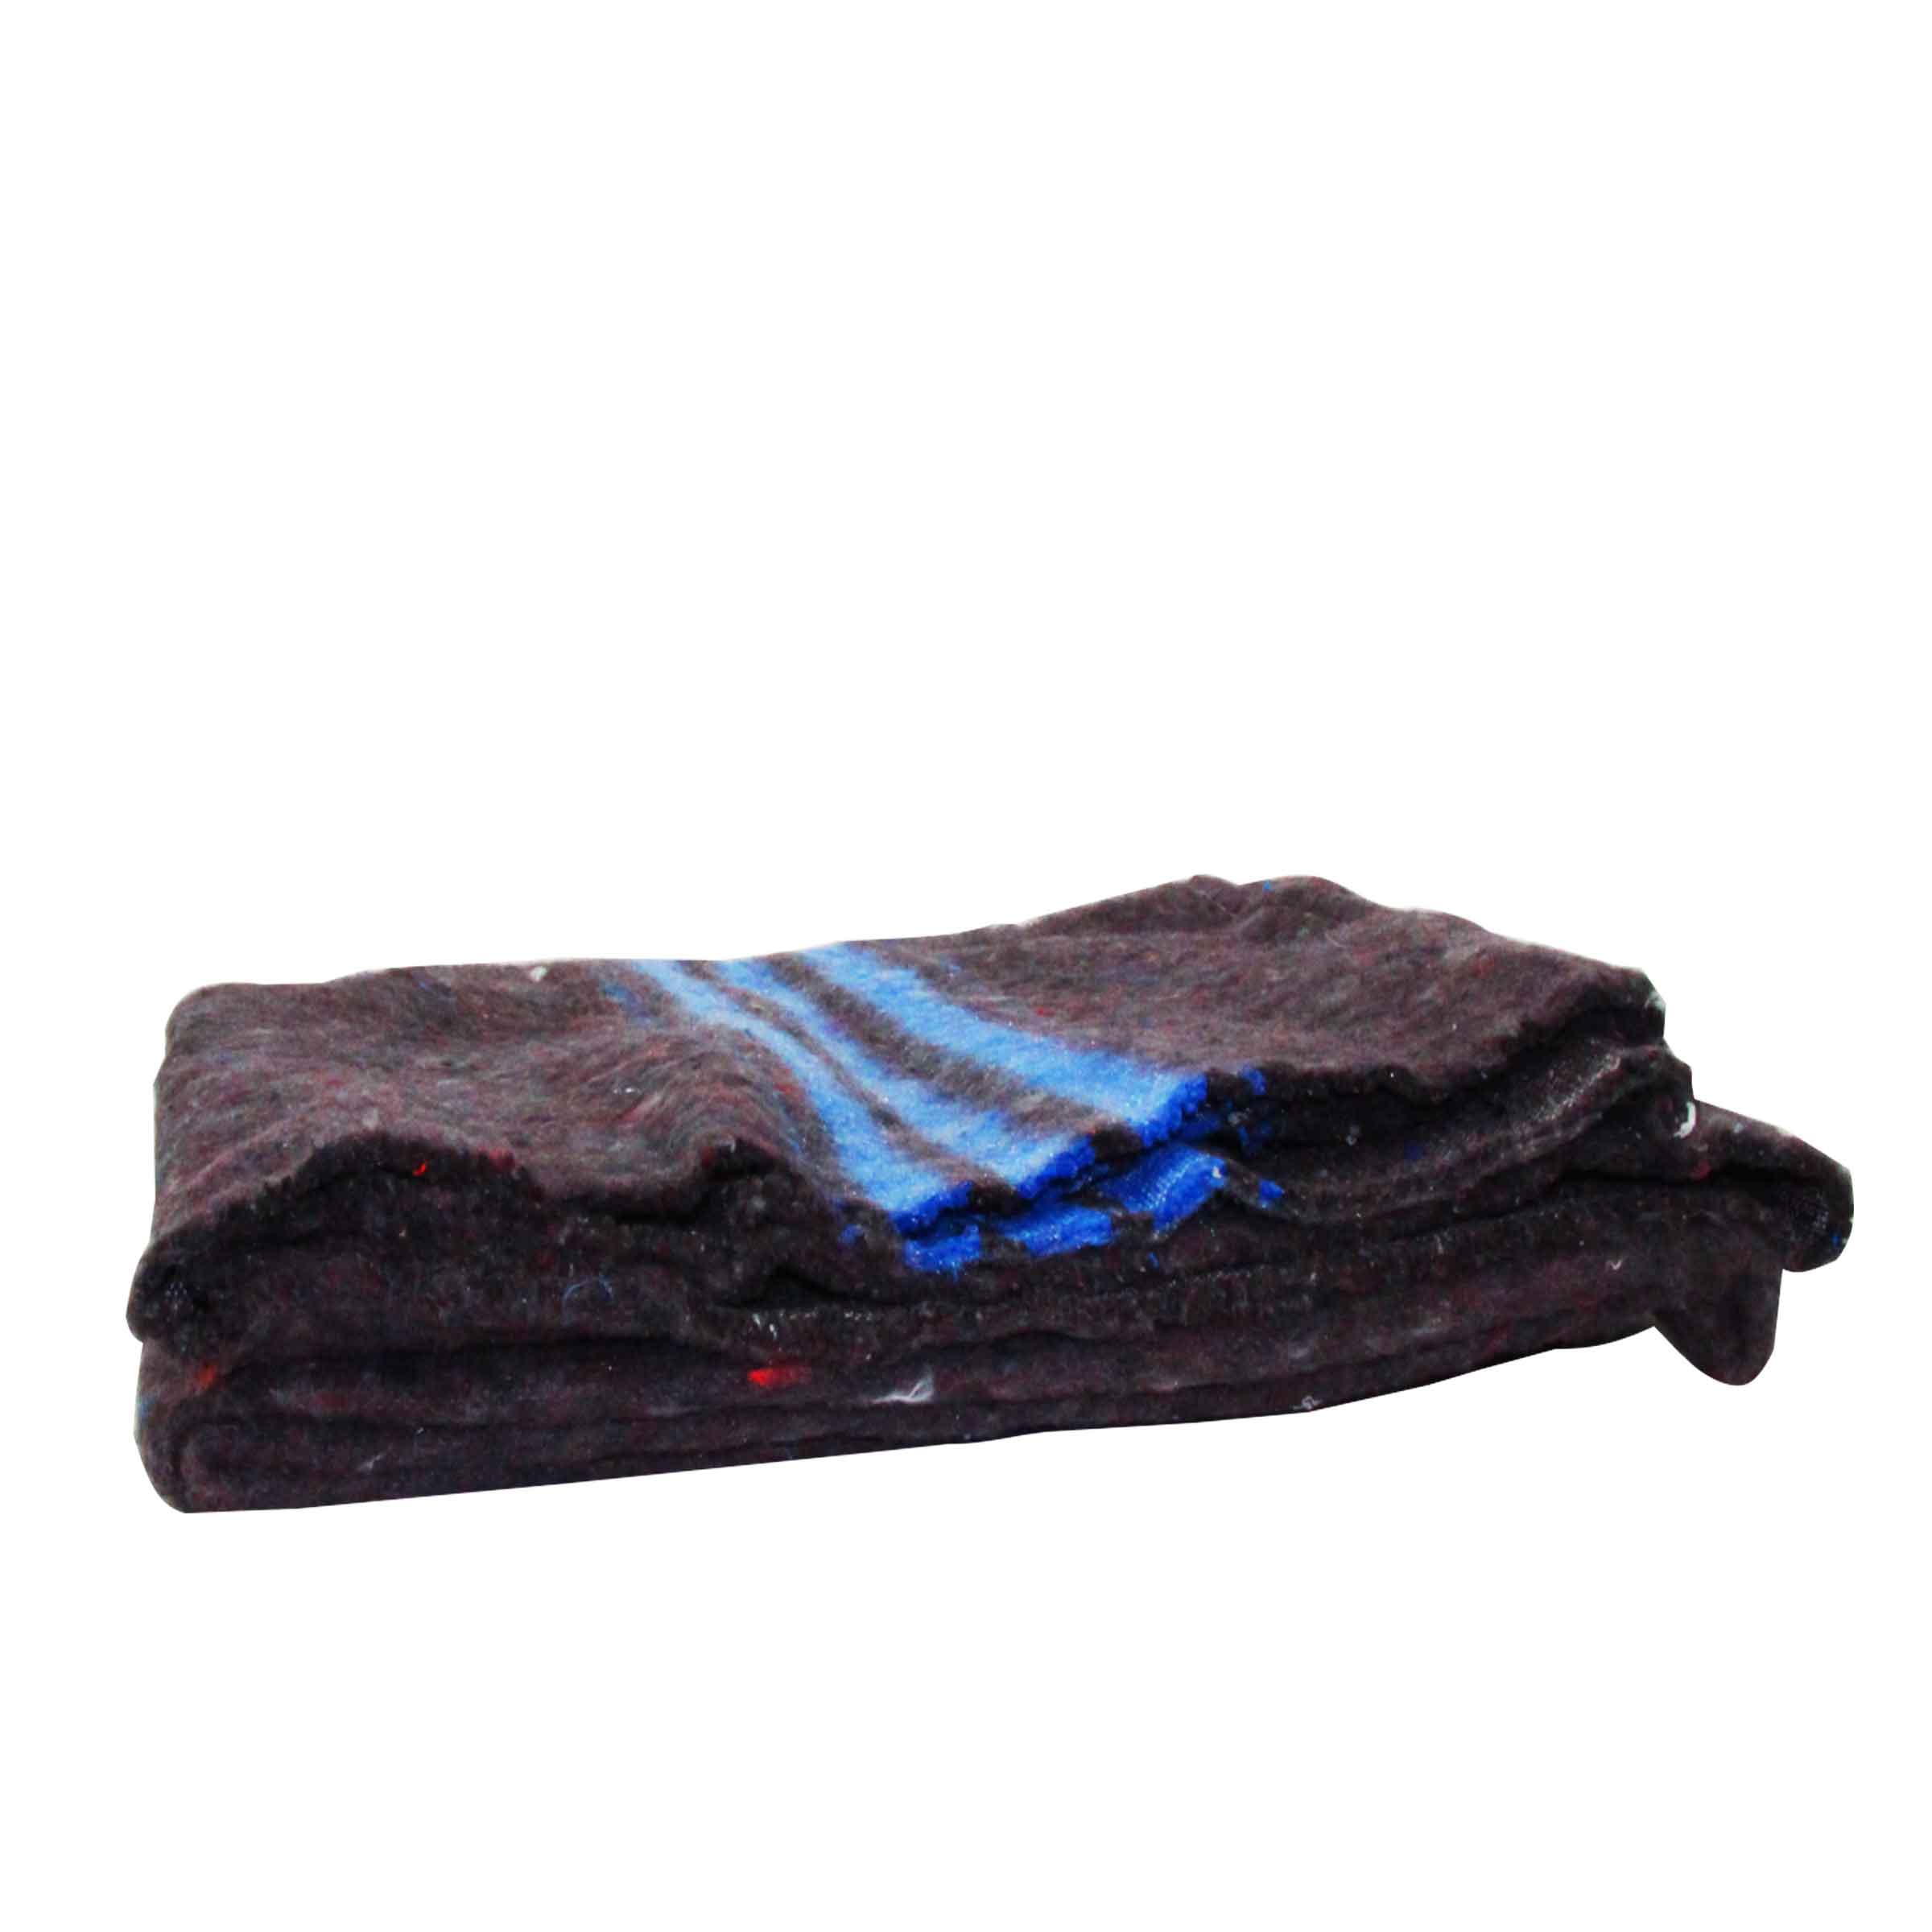 grande couverture de protection en fibres longues tissés avec un liseré bleu